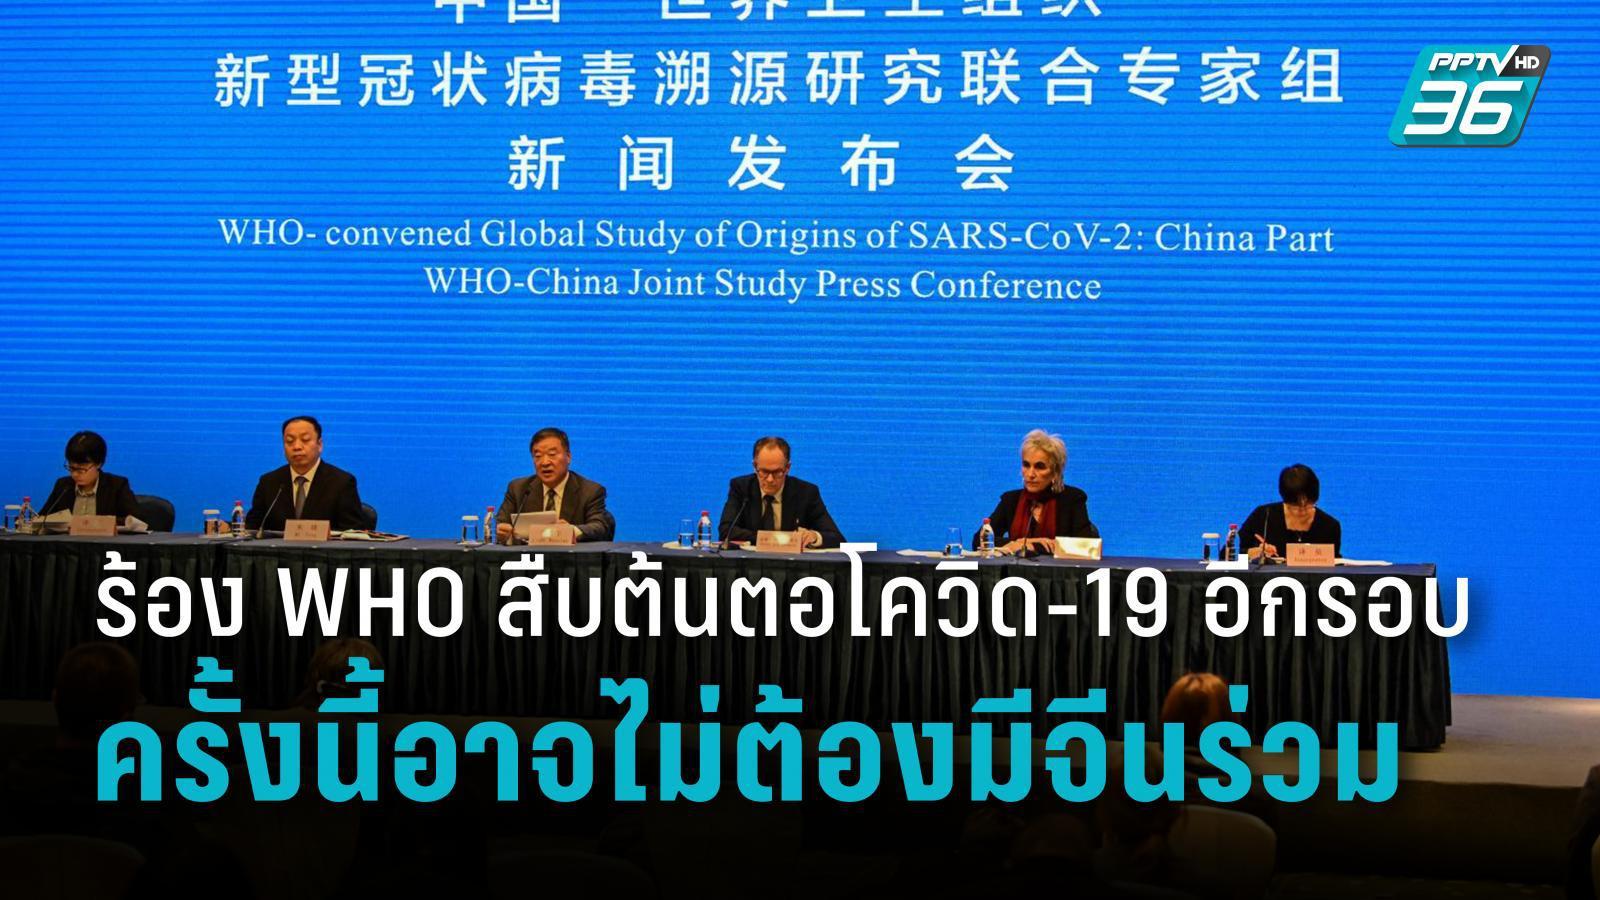 นักวิทย์เชื่อผลสืบต้นตอโควิด-19 ในจีนมีเรื่องการเมืองเจือปน